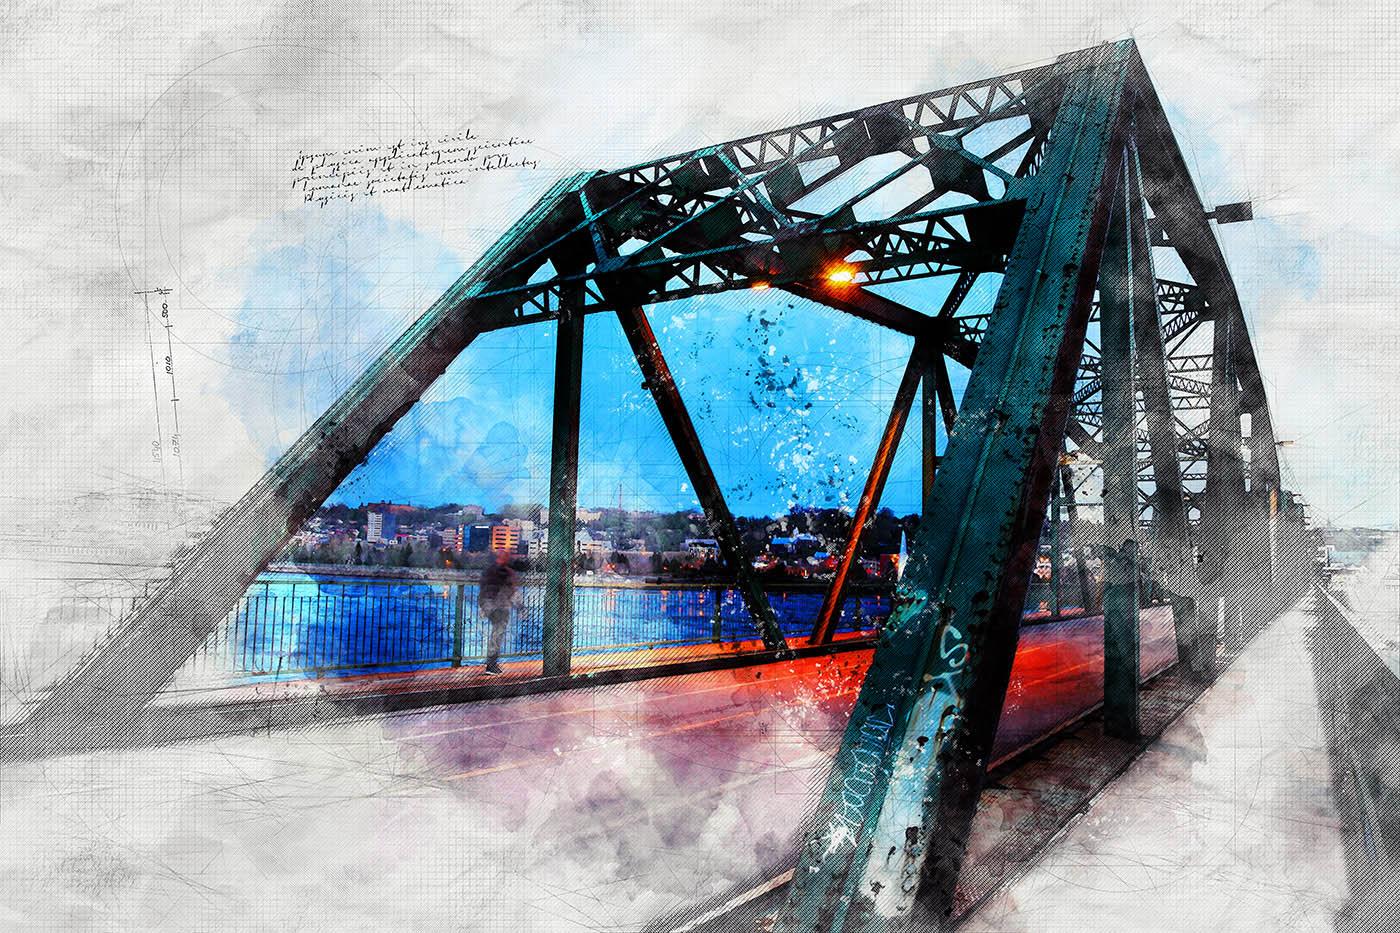 Image sketch du vieux pont de Chicoutimi - photo stock